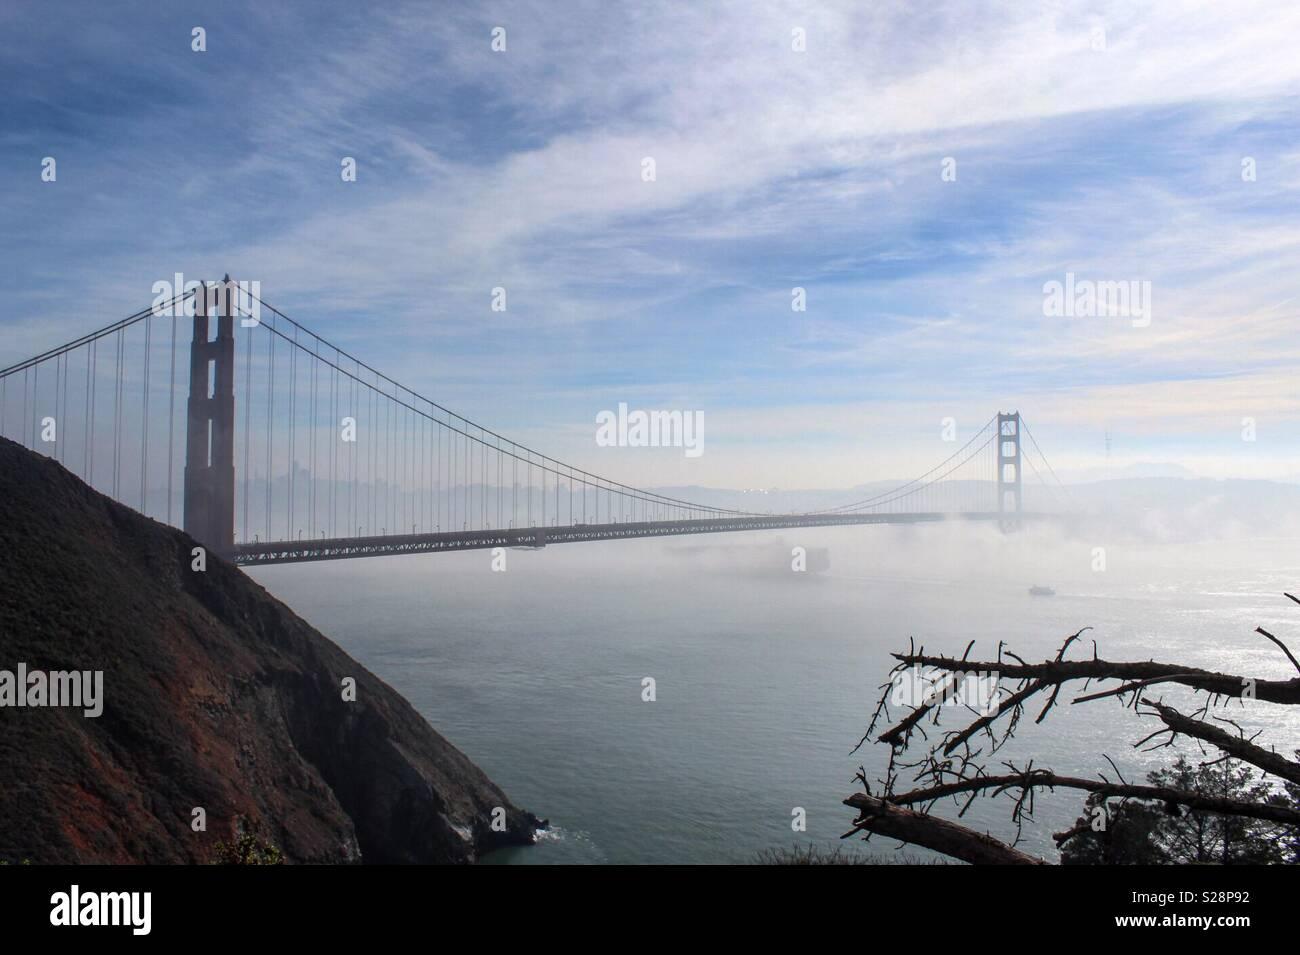 Un jour brumeux dans le Marin Headlands regardant vers le Golden Gate Bridge. Photo Stock